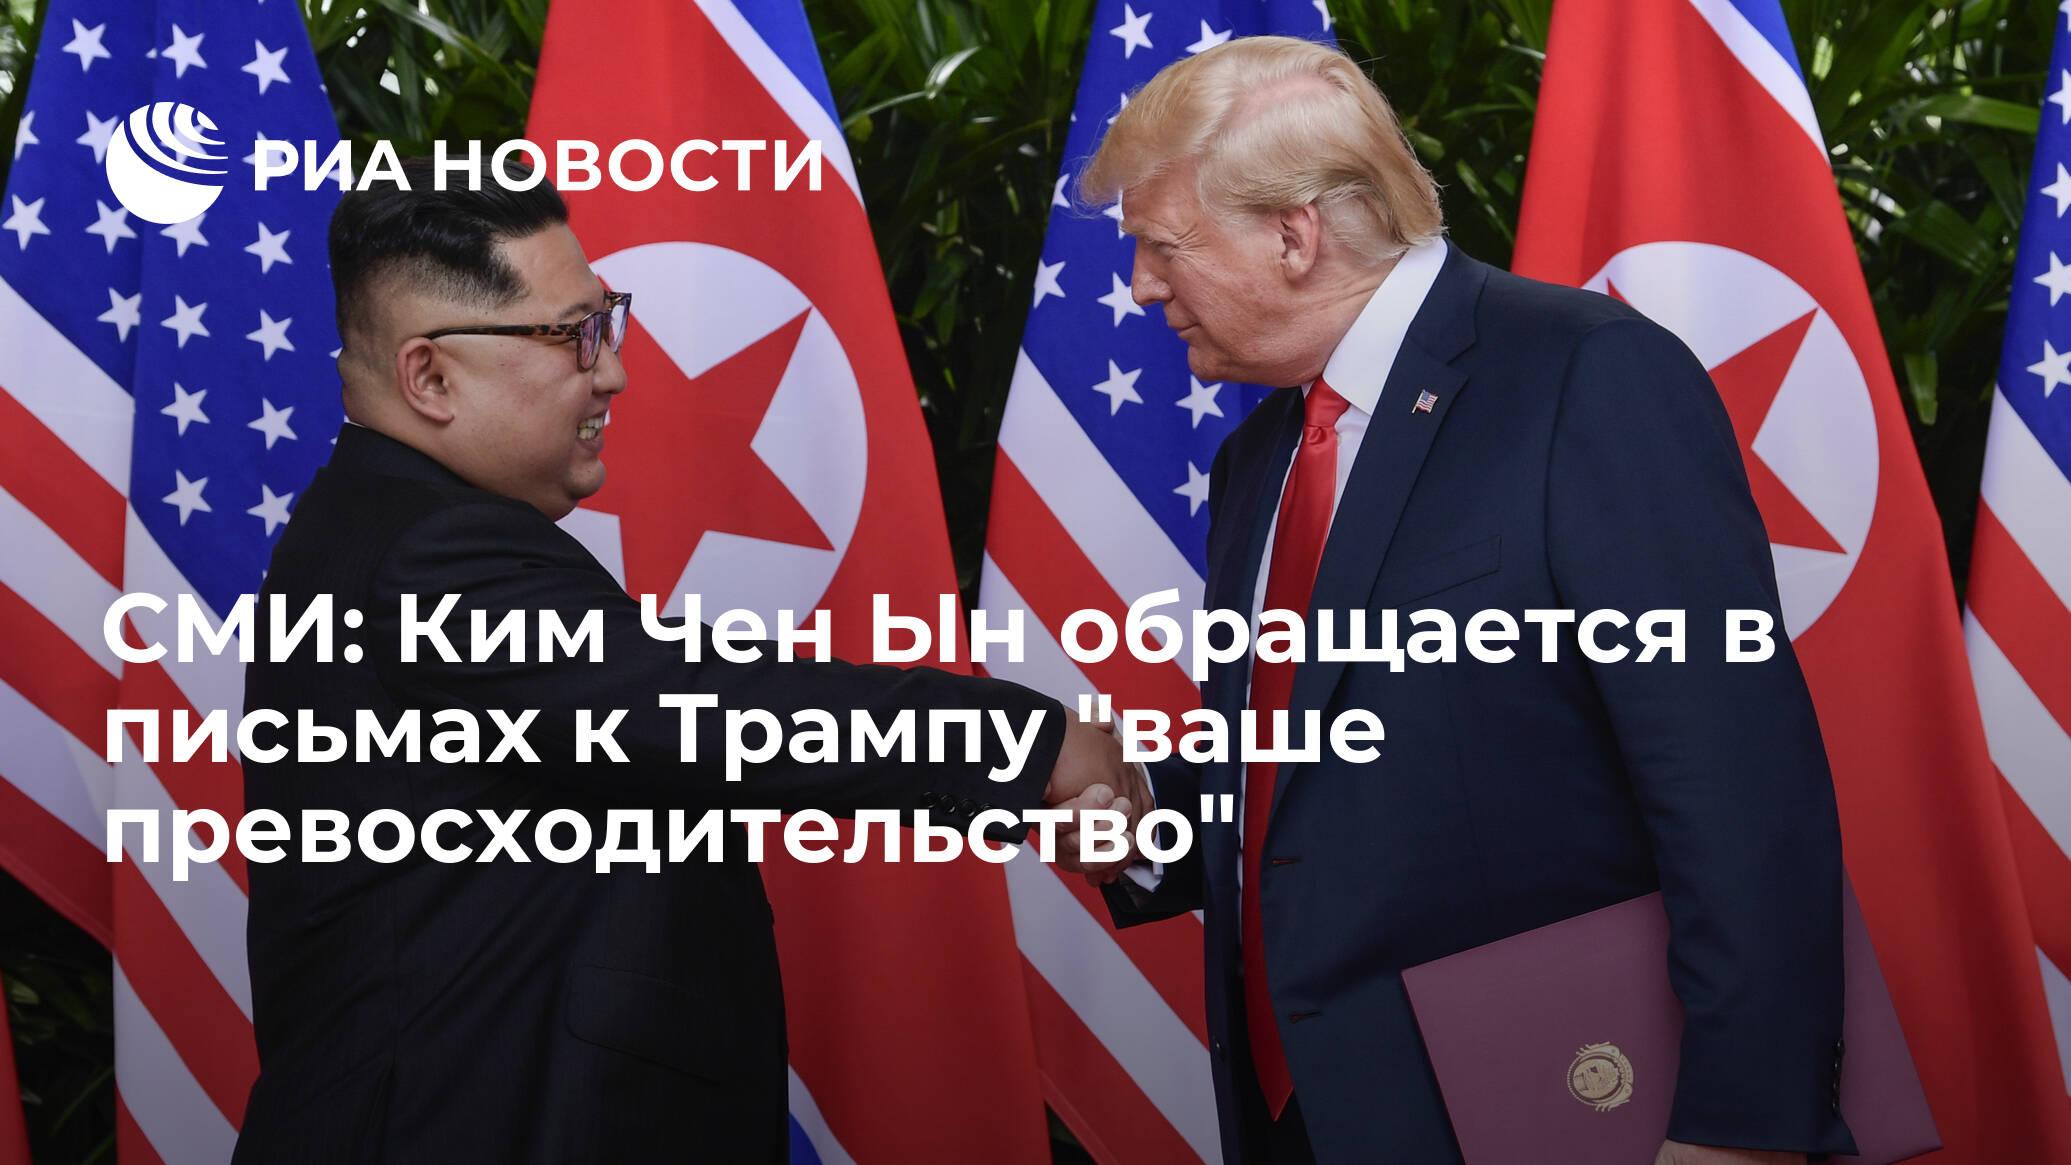 СМИ: Ким Чен Ын обращается в письмах к Трампу 'ваше превосходительство' - РИА НОВОСТИ